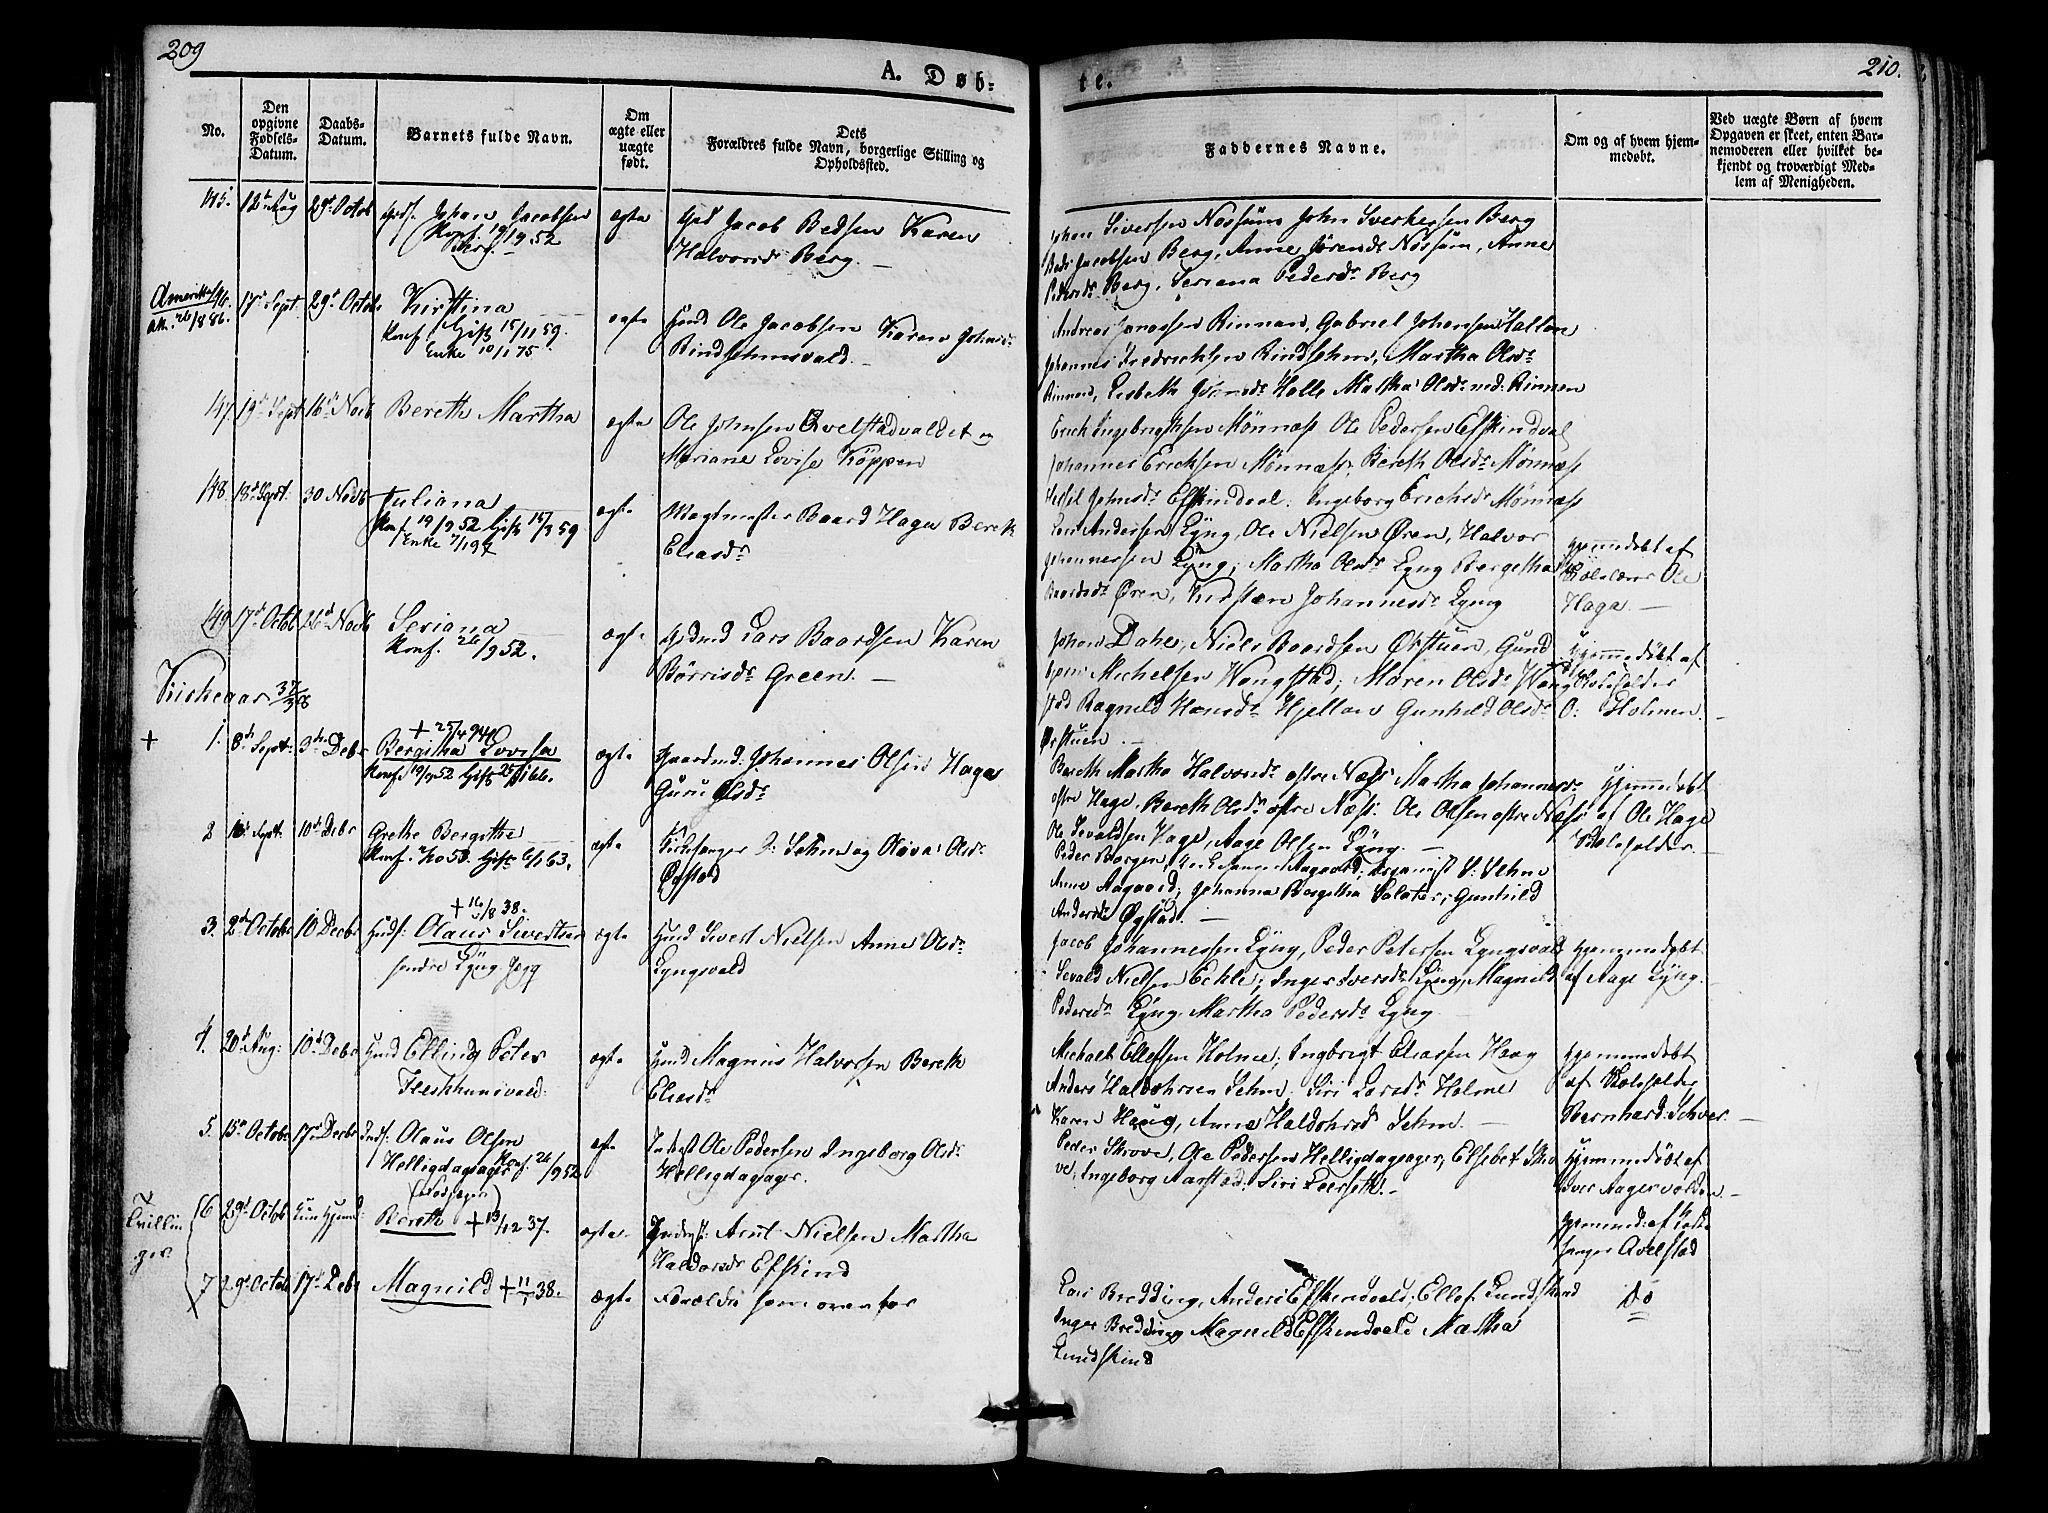 SAT, Ministerialprotokoller, klokkerbøker og fødselsregistre - Nord-Trøndelag, 723/L0238: Ministerialbok nr. 723A07, 1831-1840, s. 209-210